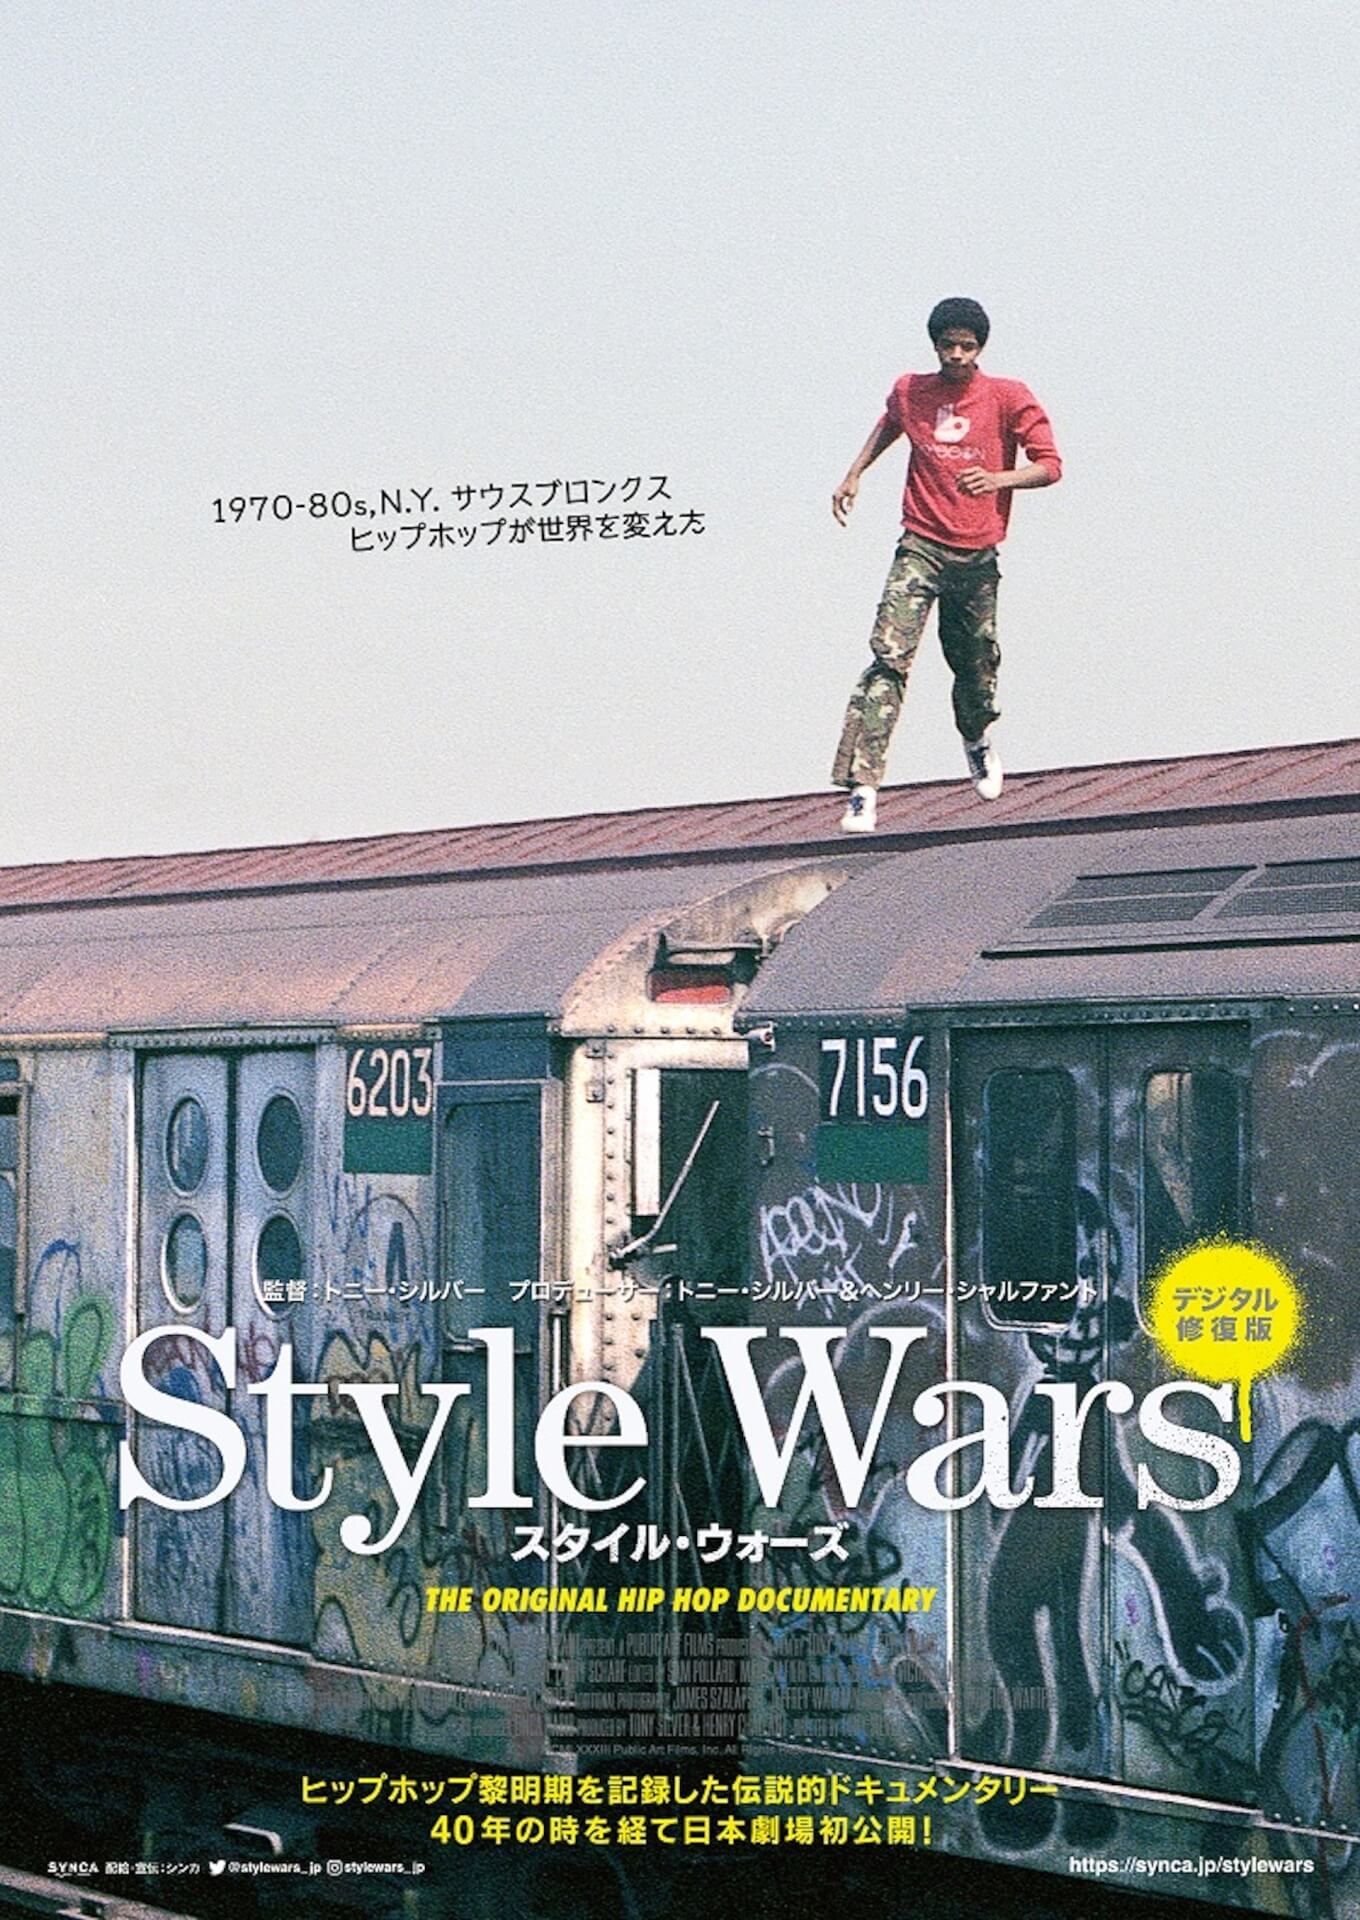 グラフィティ・ムービーの傑作『Style Wars』の続編が1日限定上映決定!宇野維正&荏開津広のトークイベントも film210420_stylewars_revisited_3